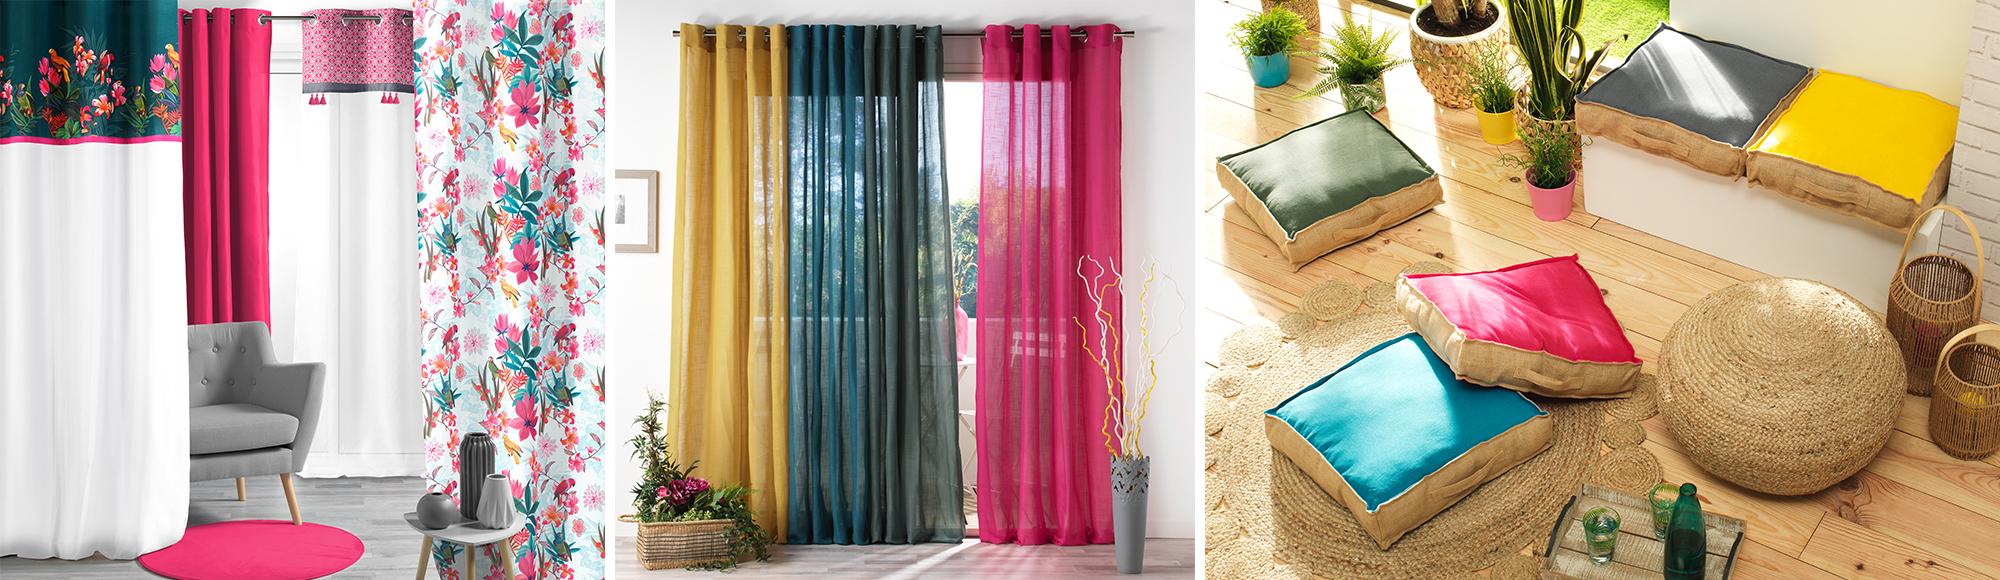 U10 - Fournisseur en decoration d'interieur - marque douceur d'interieur - ameublement - exotic paradise